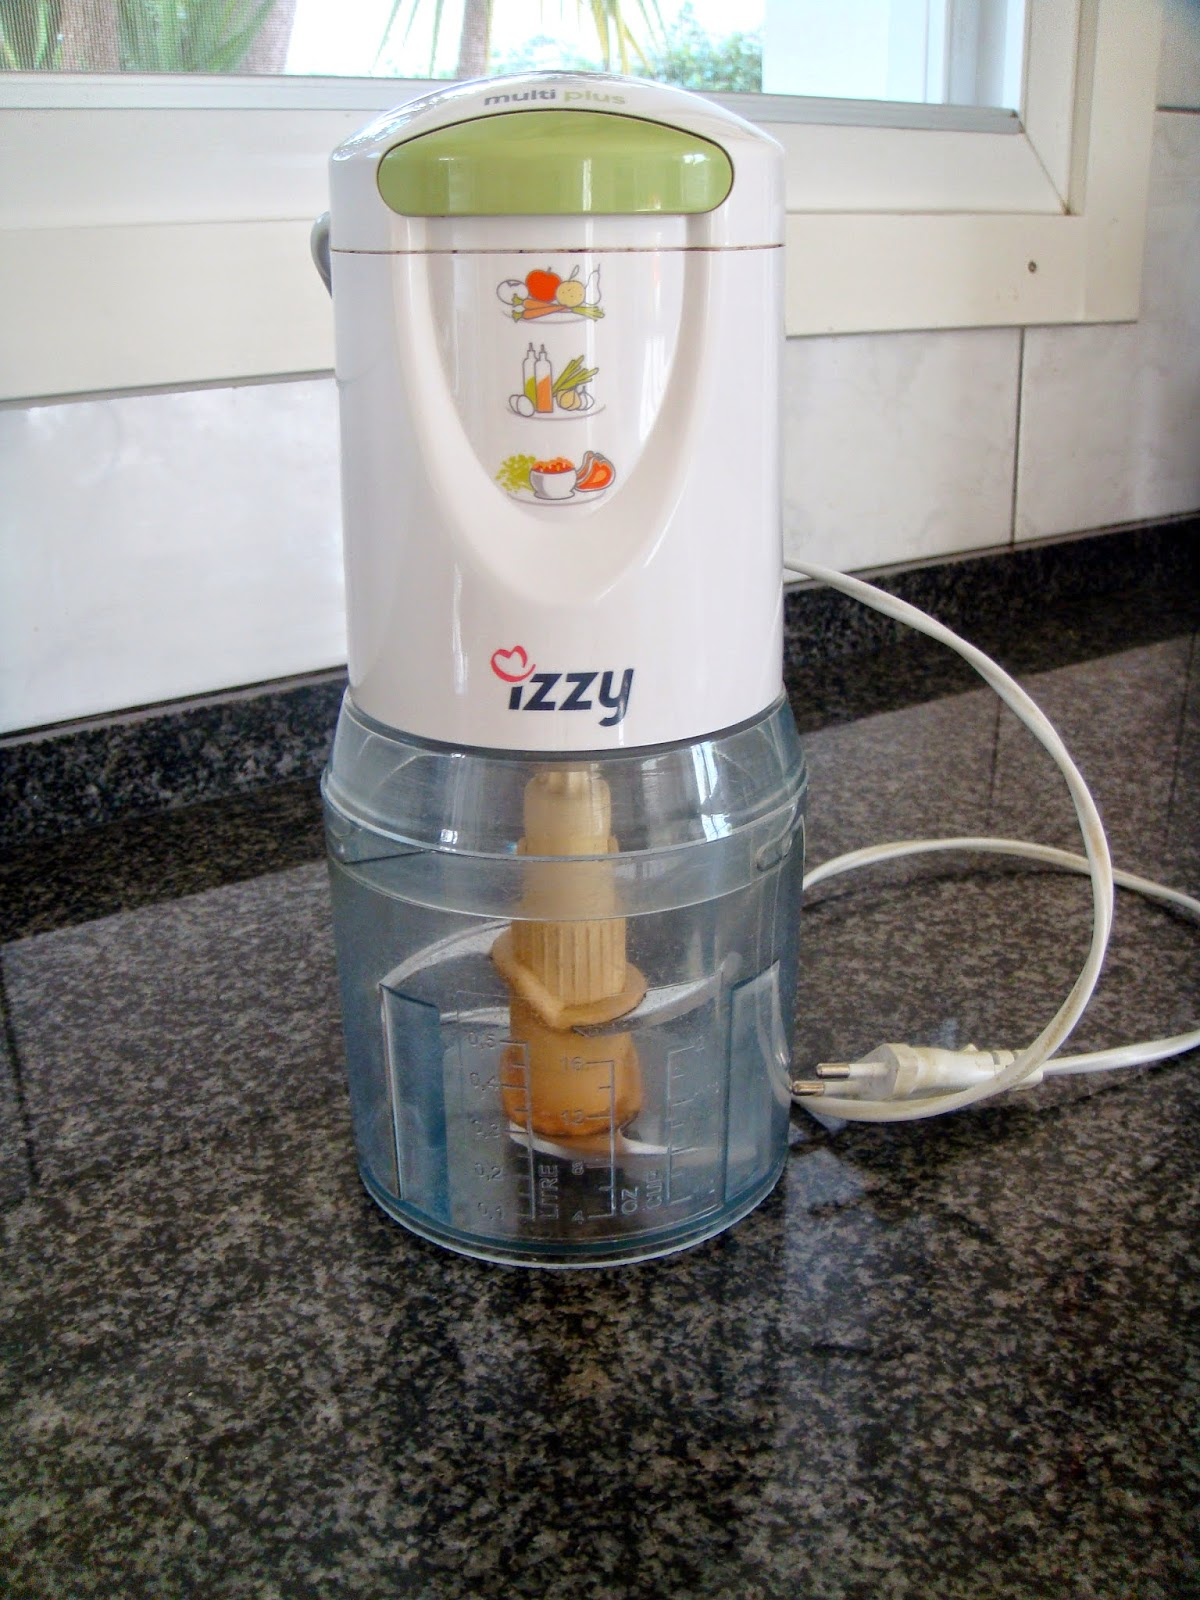 Izzy Multi